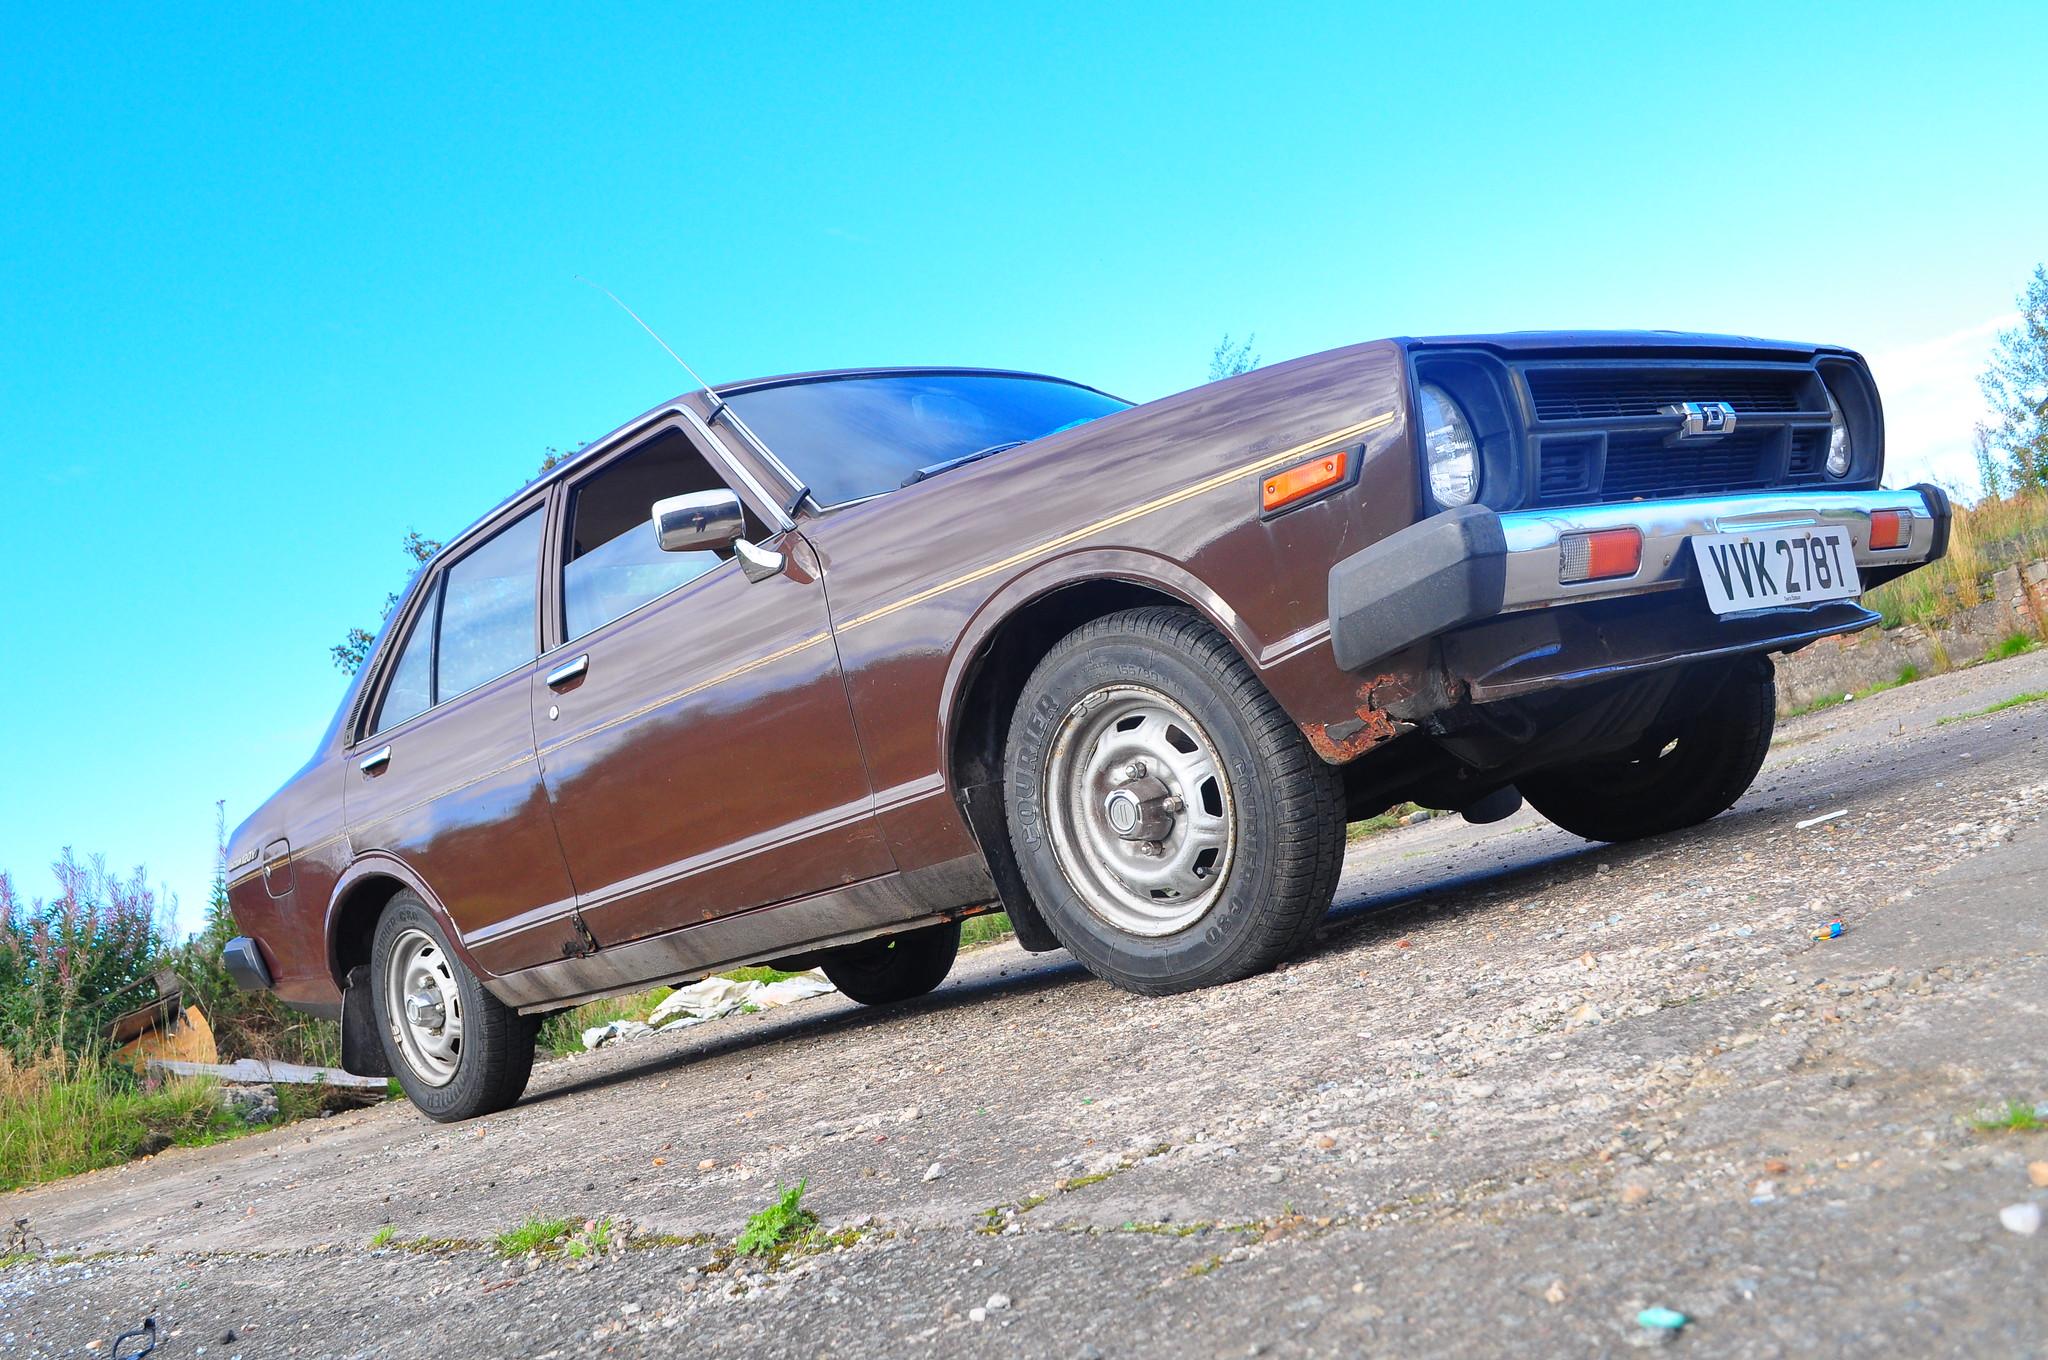 Rusty Crusty & Brown Datsun £999 - Tapatalk